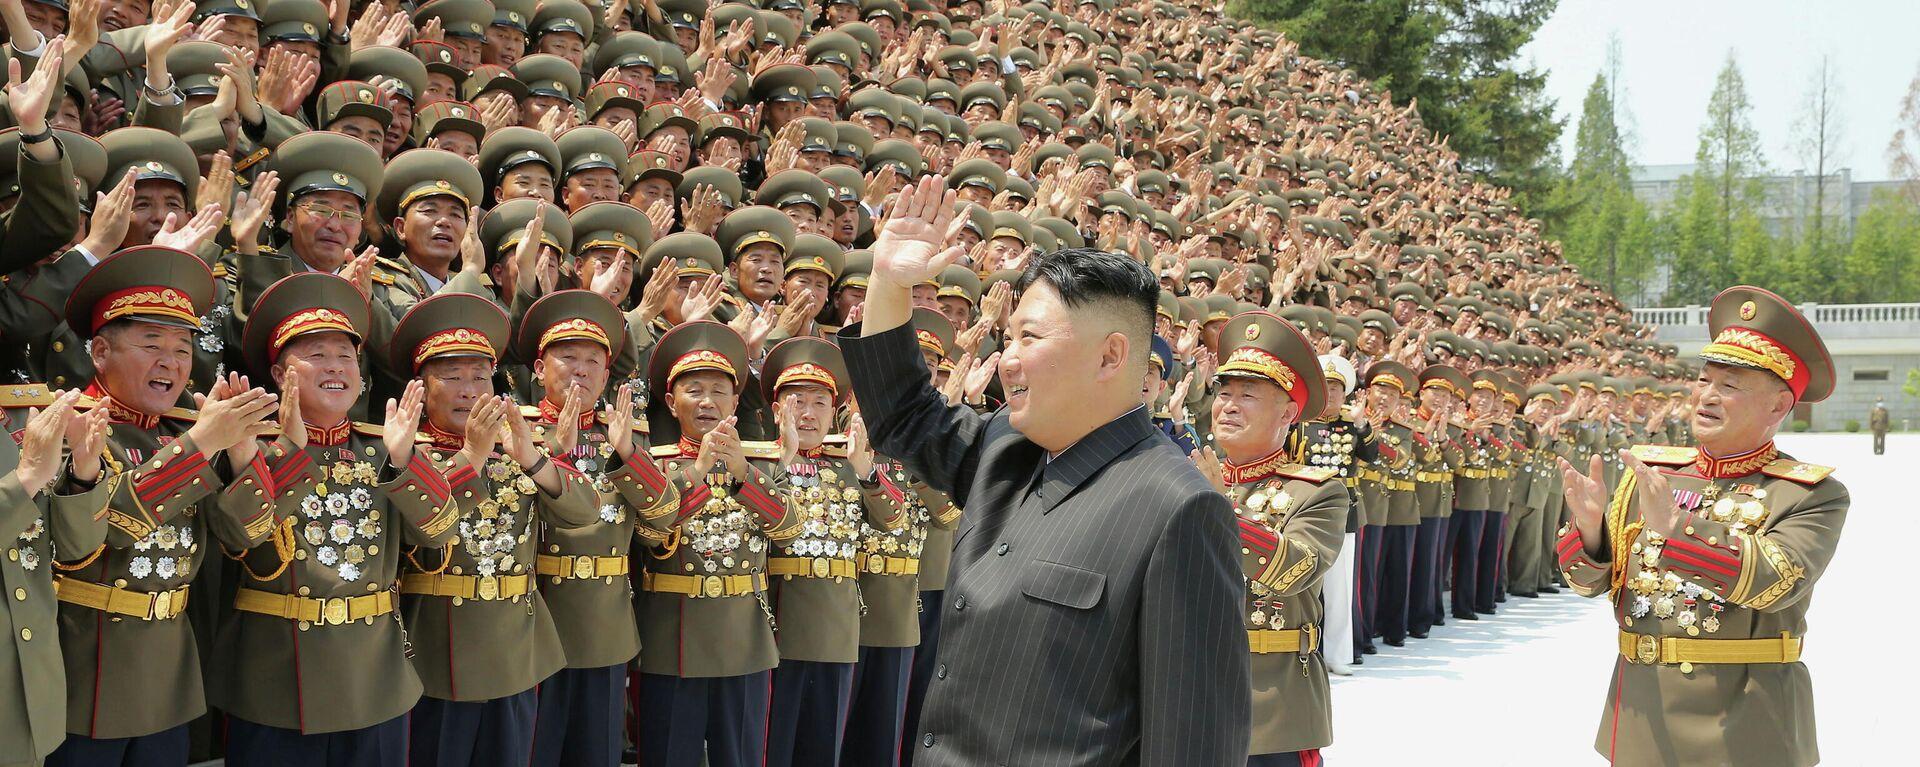 El líder de Corea del Norte, Kim Jong-un - Sputnik Mundo, 1920, 30.07.2021